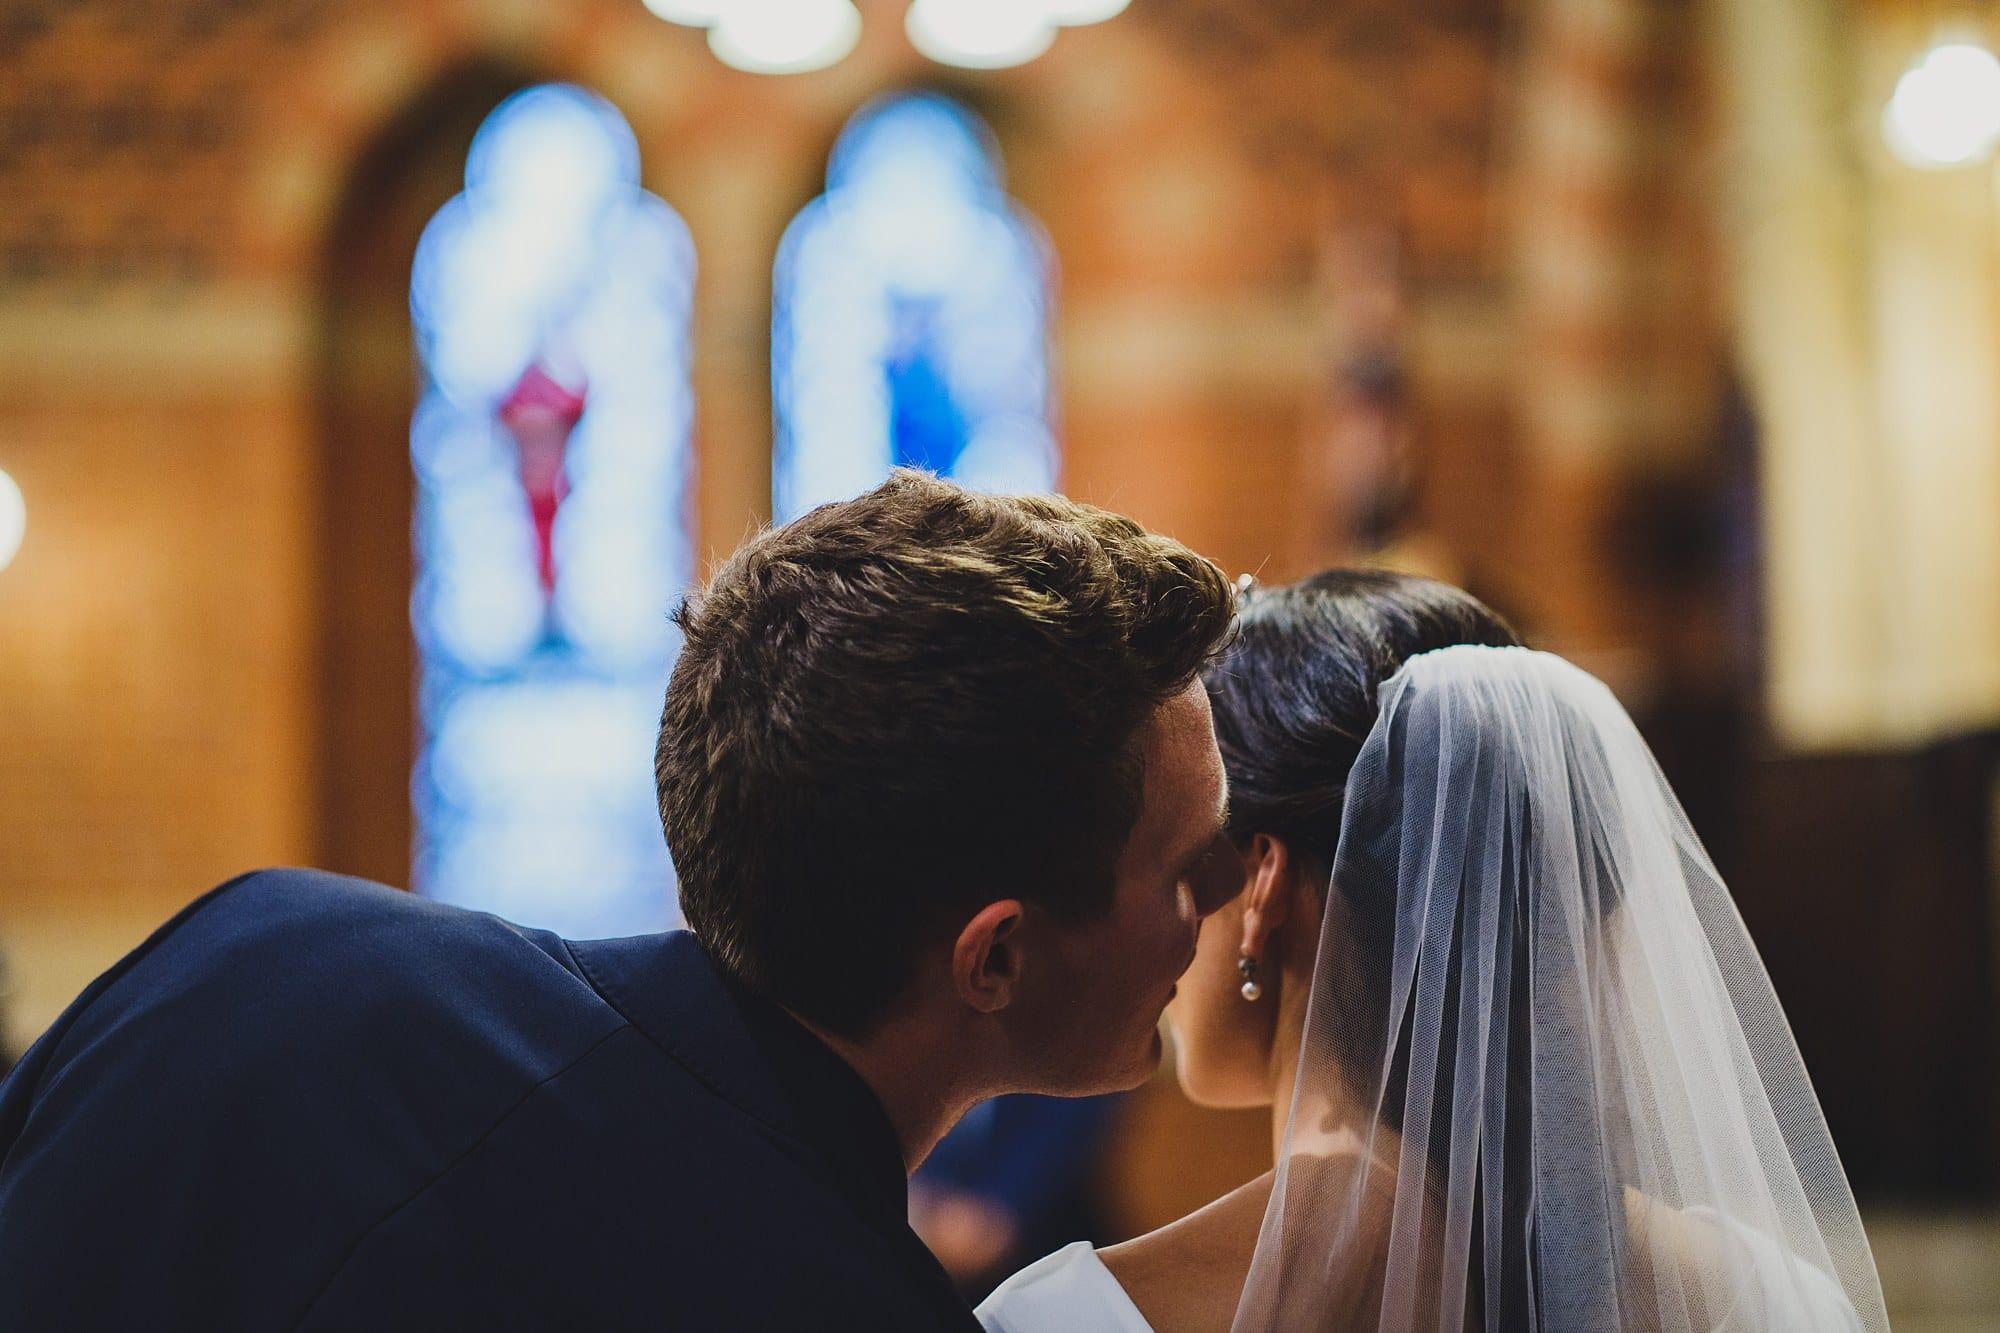 fulham palace wedding photographer ok 035 - Olivia + Kyle